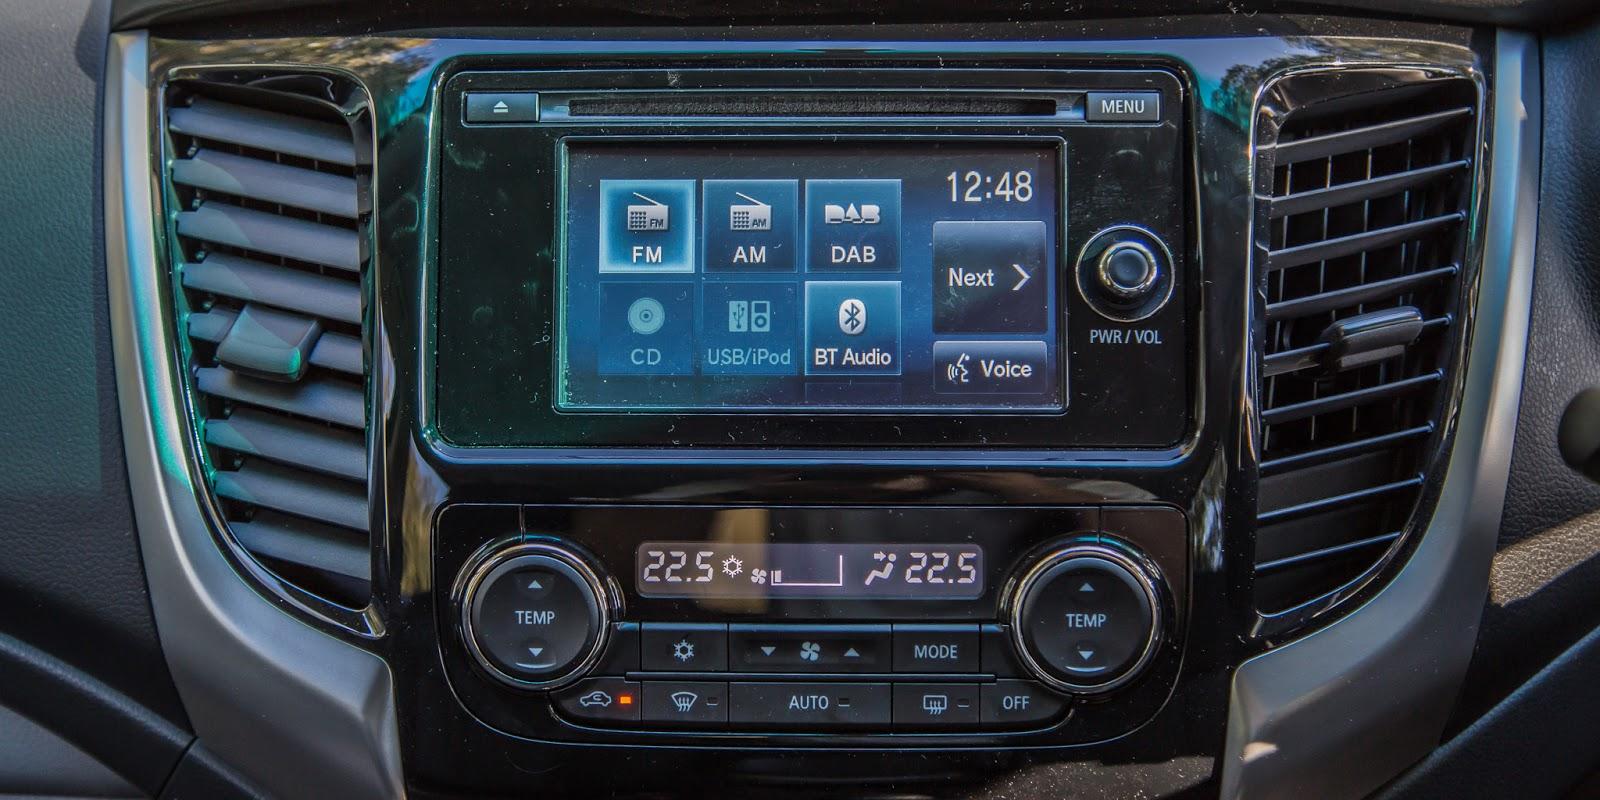 Hoạt động giải trí, kết nối, hỗ trợ được trang bị trên xe